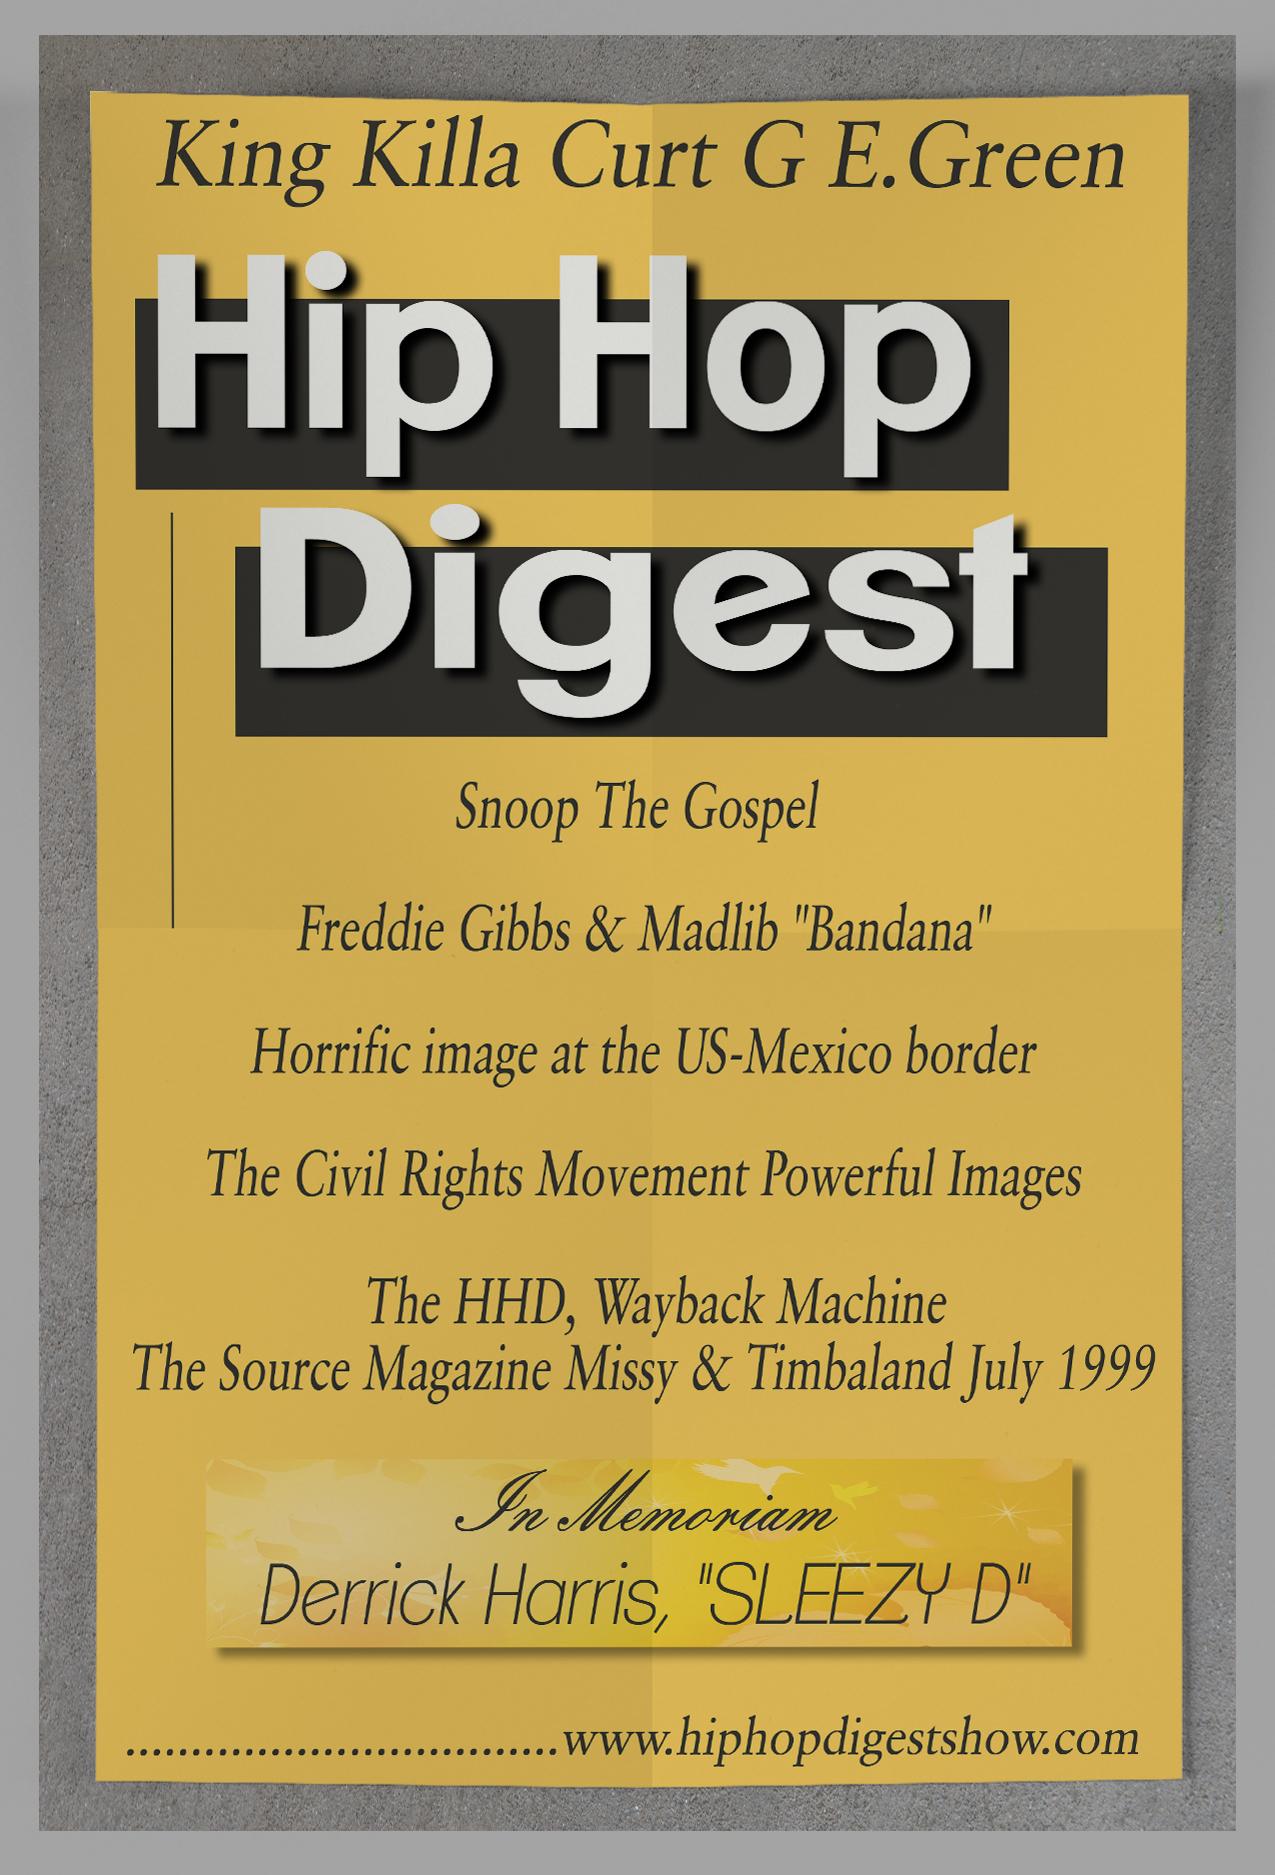 Hip-Hop Digest Show 545 – Picture me this… | Hip-Hop Digest Show